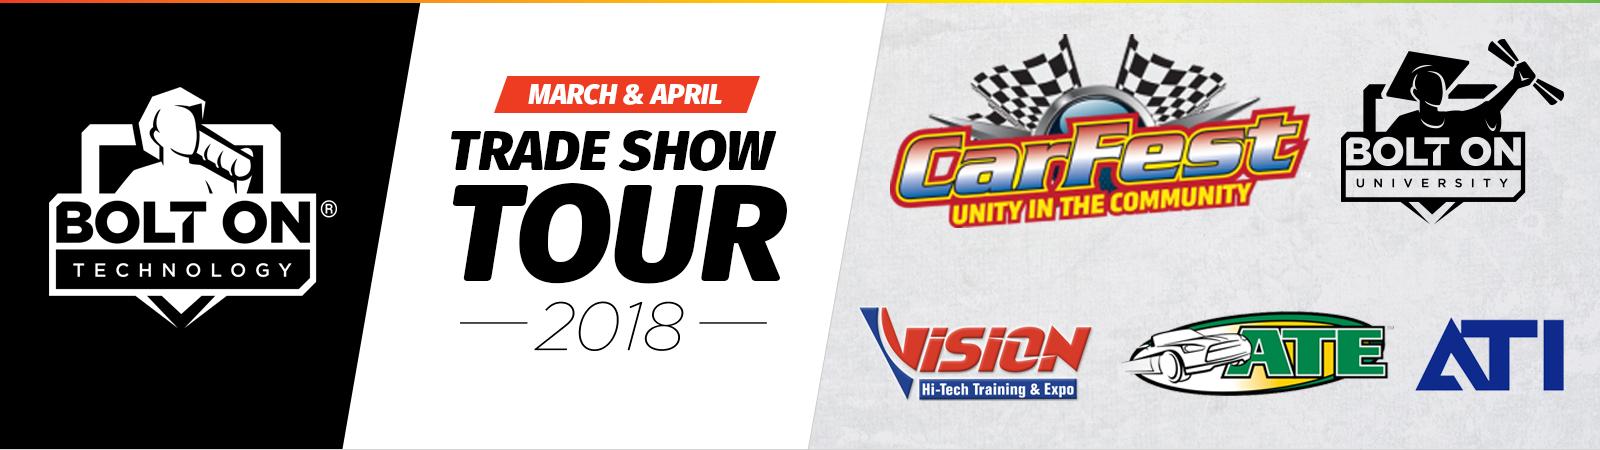 March & April Trade Show Tour